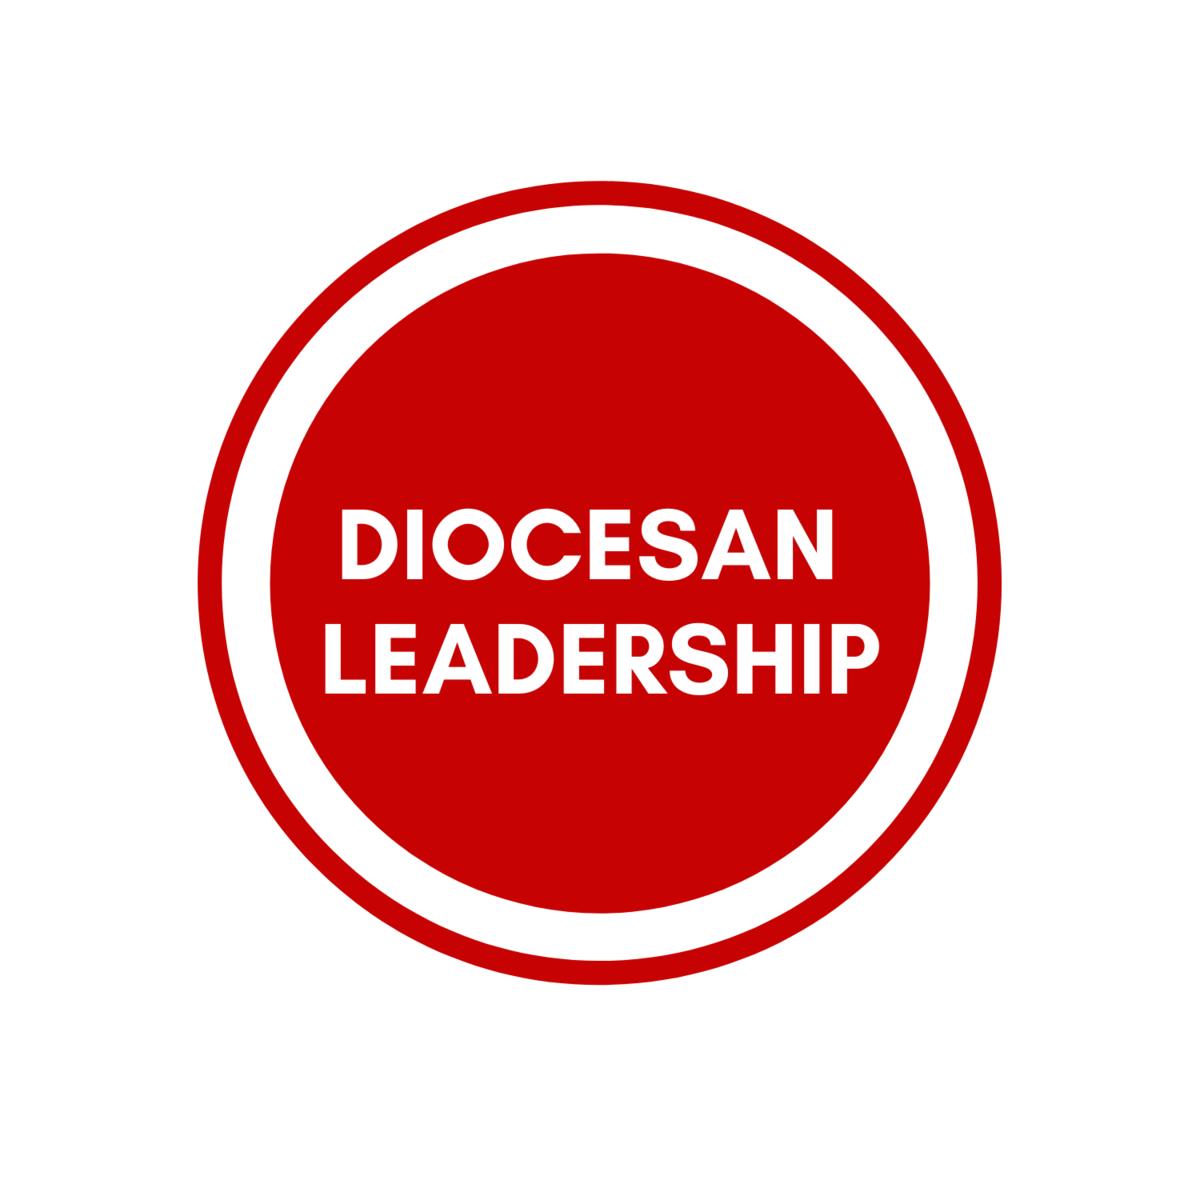 Diocese Leadership